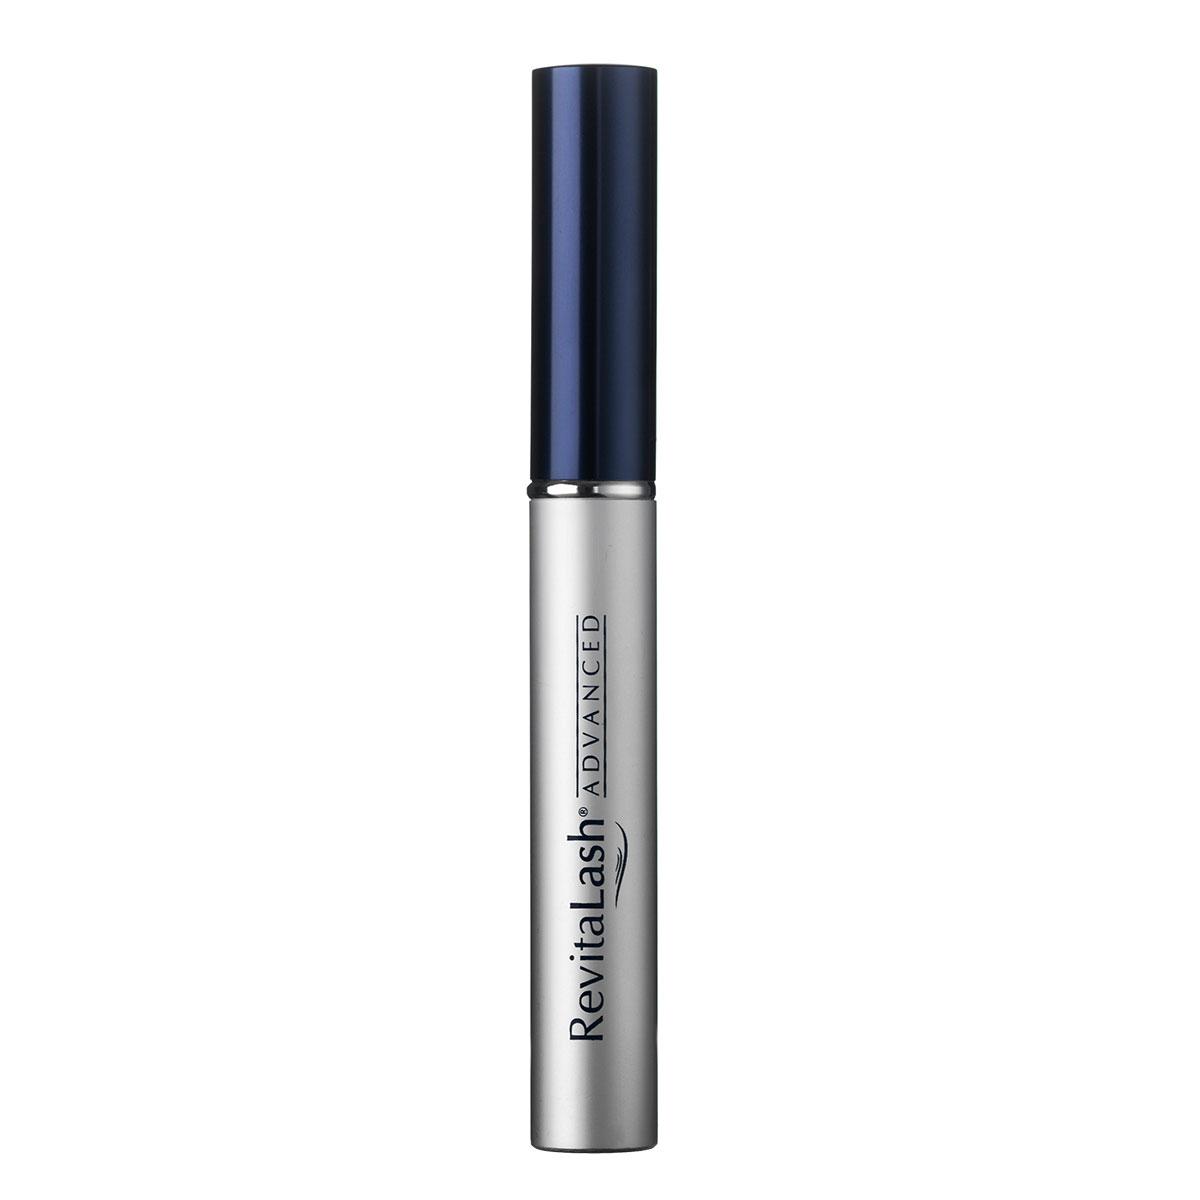 Billede af Revitalash Advanced Eyelash Conditioner - 2 ml